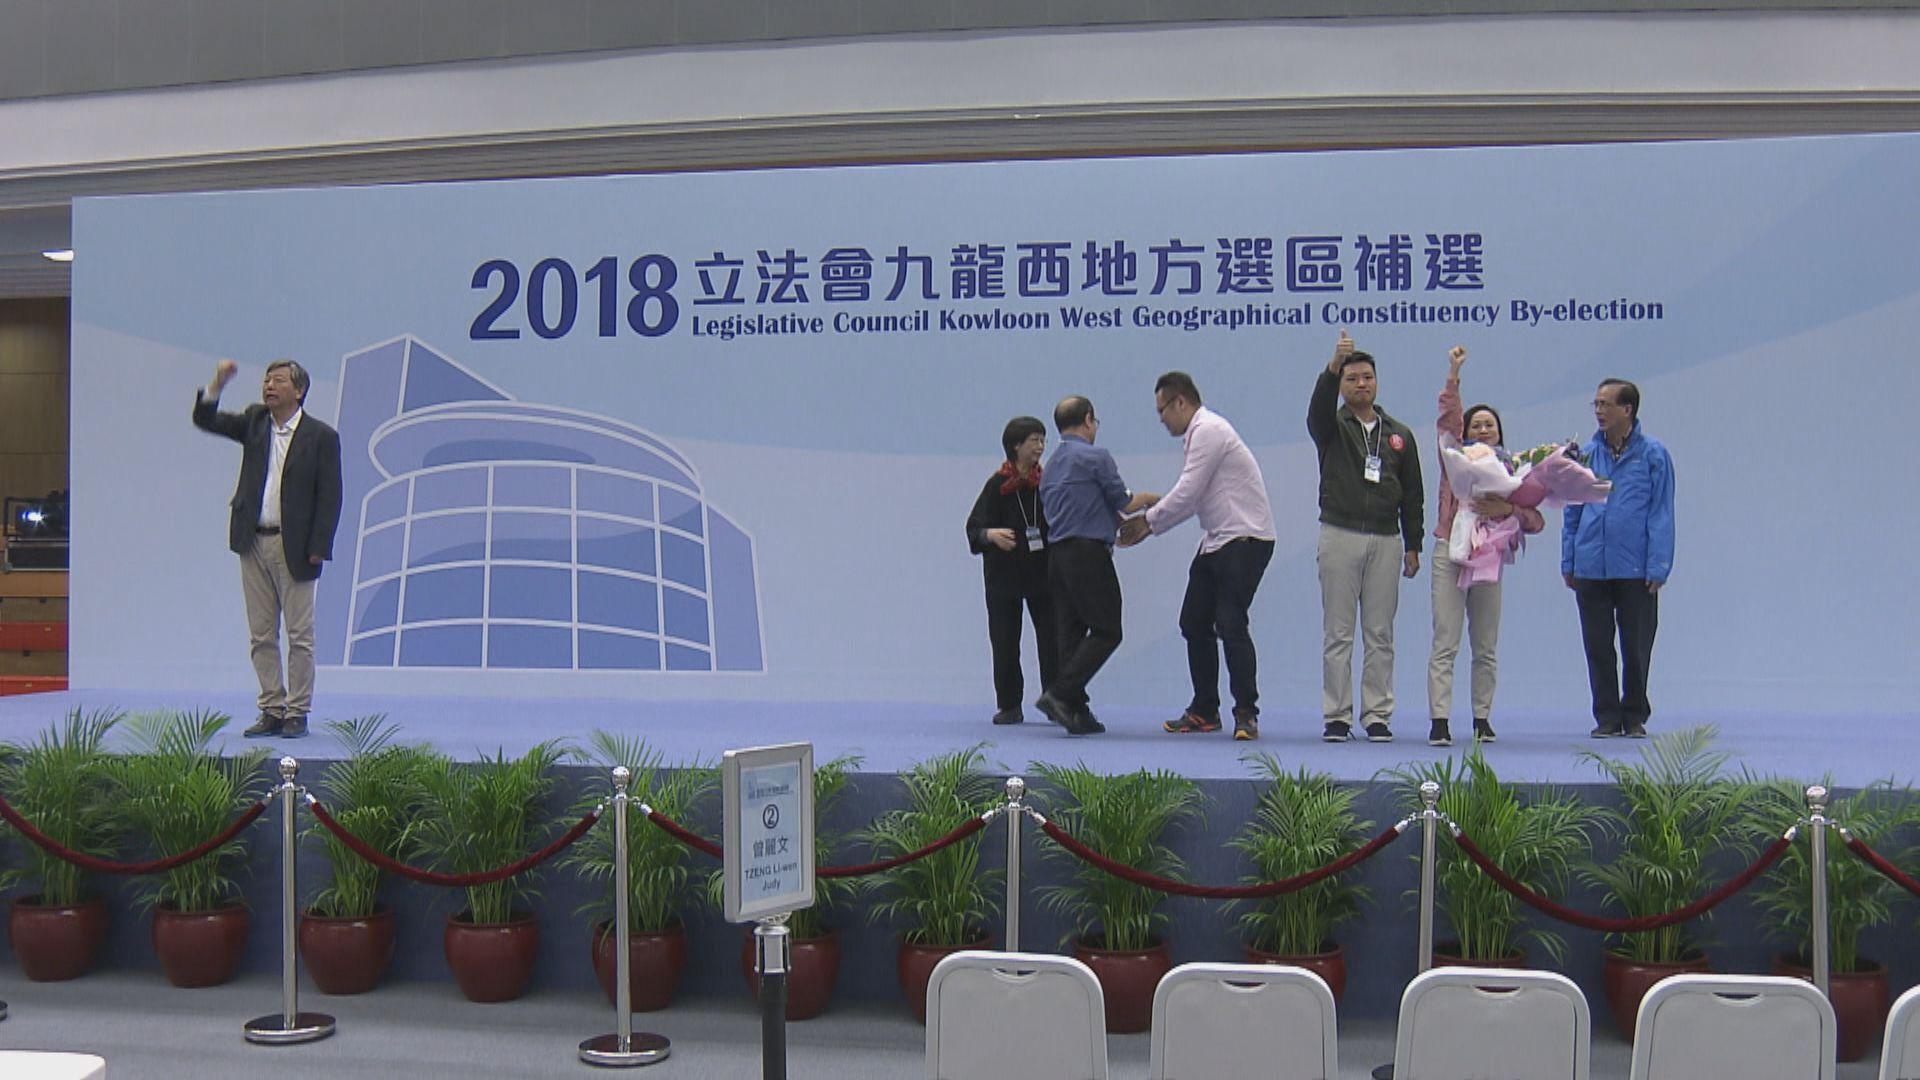 陳凱欣勝出九龍西補選 拋離李卓人過萬票